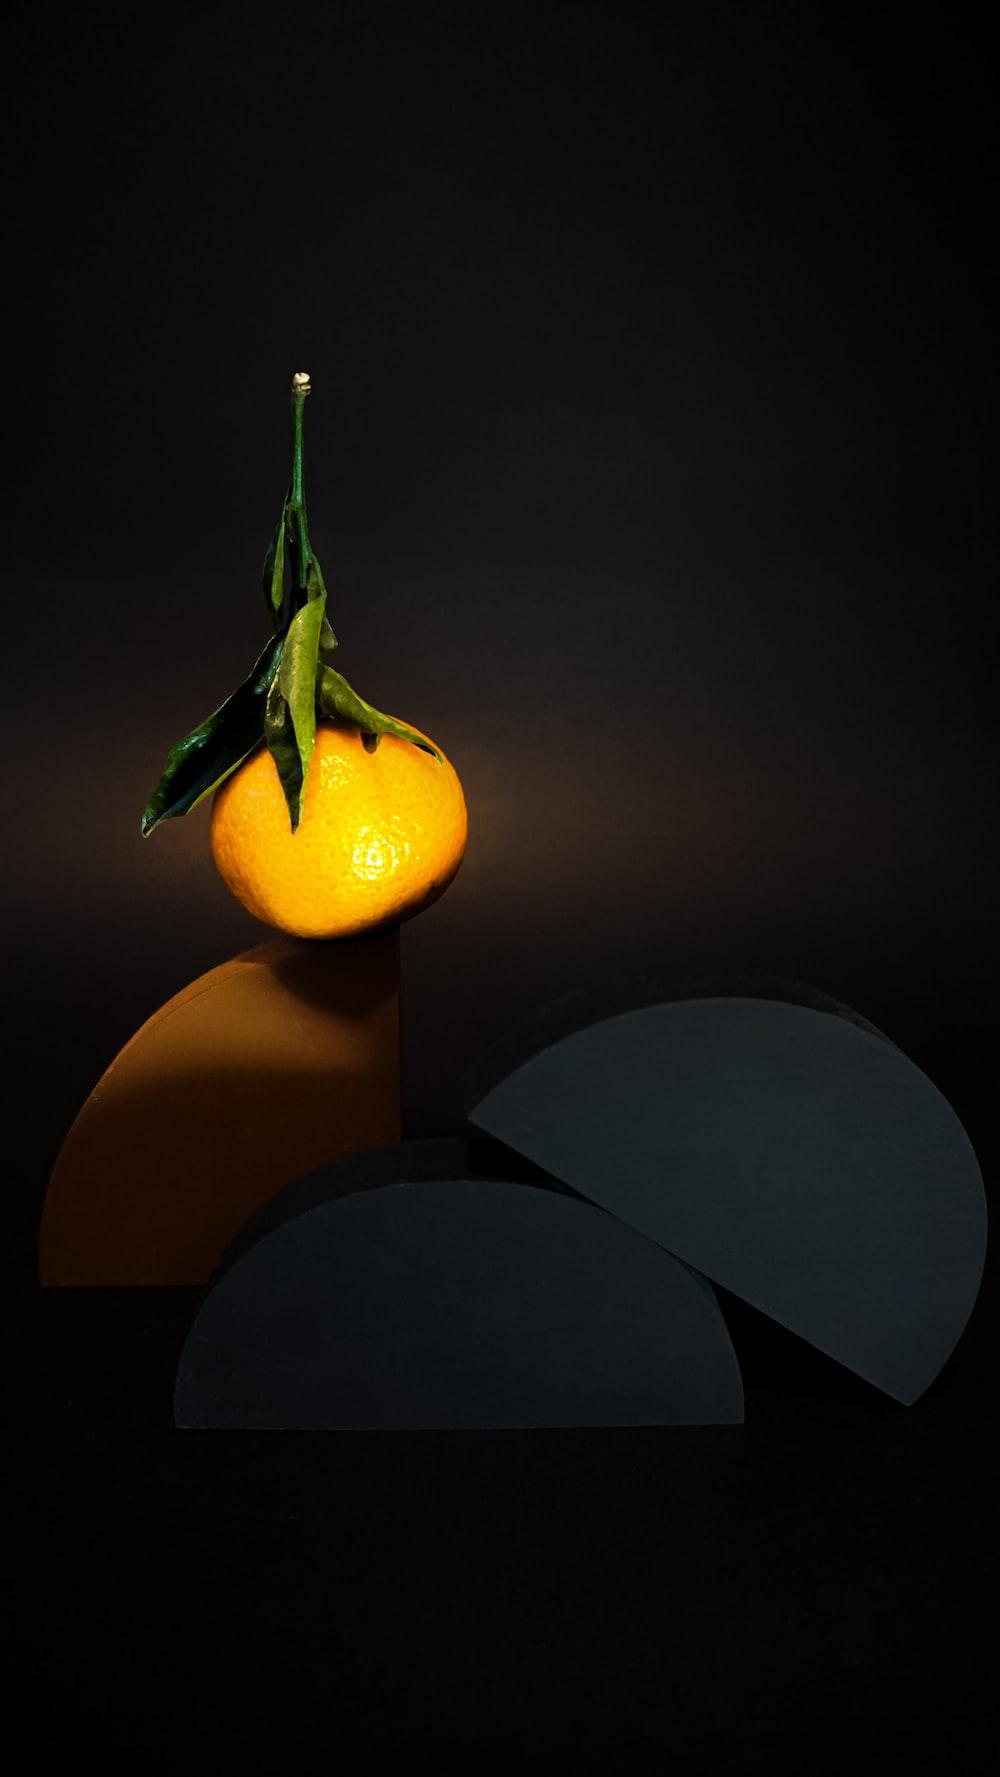 orange fruit on black table